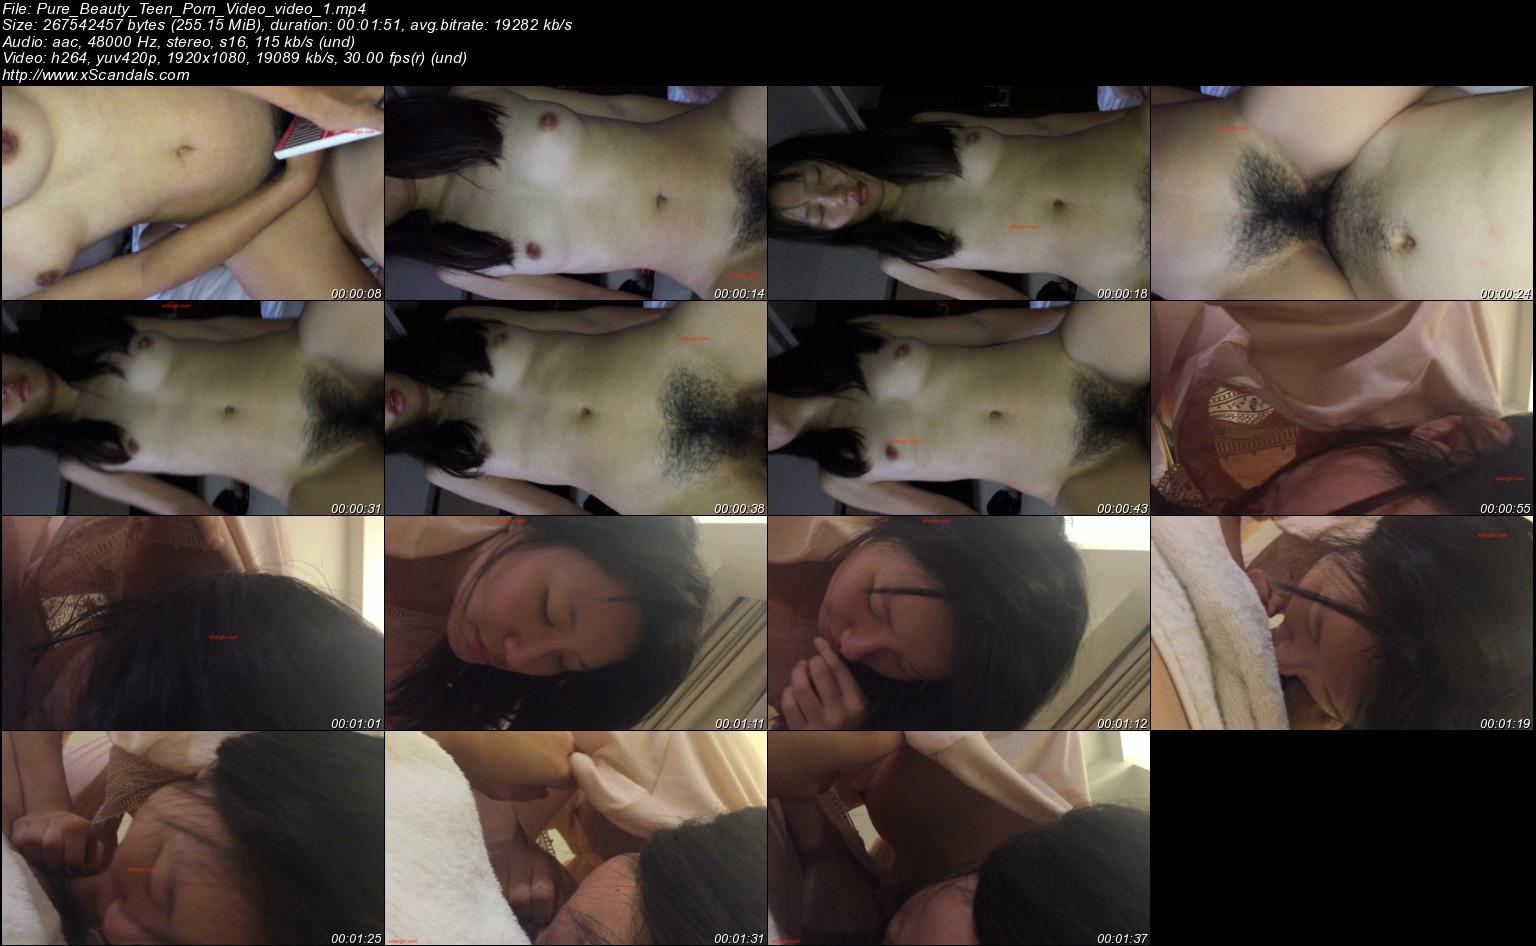 Pure_Beauty_Teen_Porn_Video_video_1.jpeg